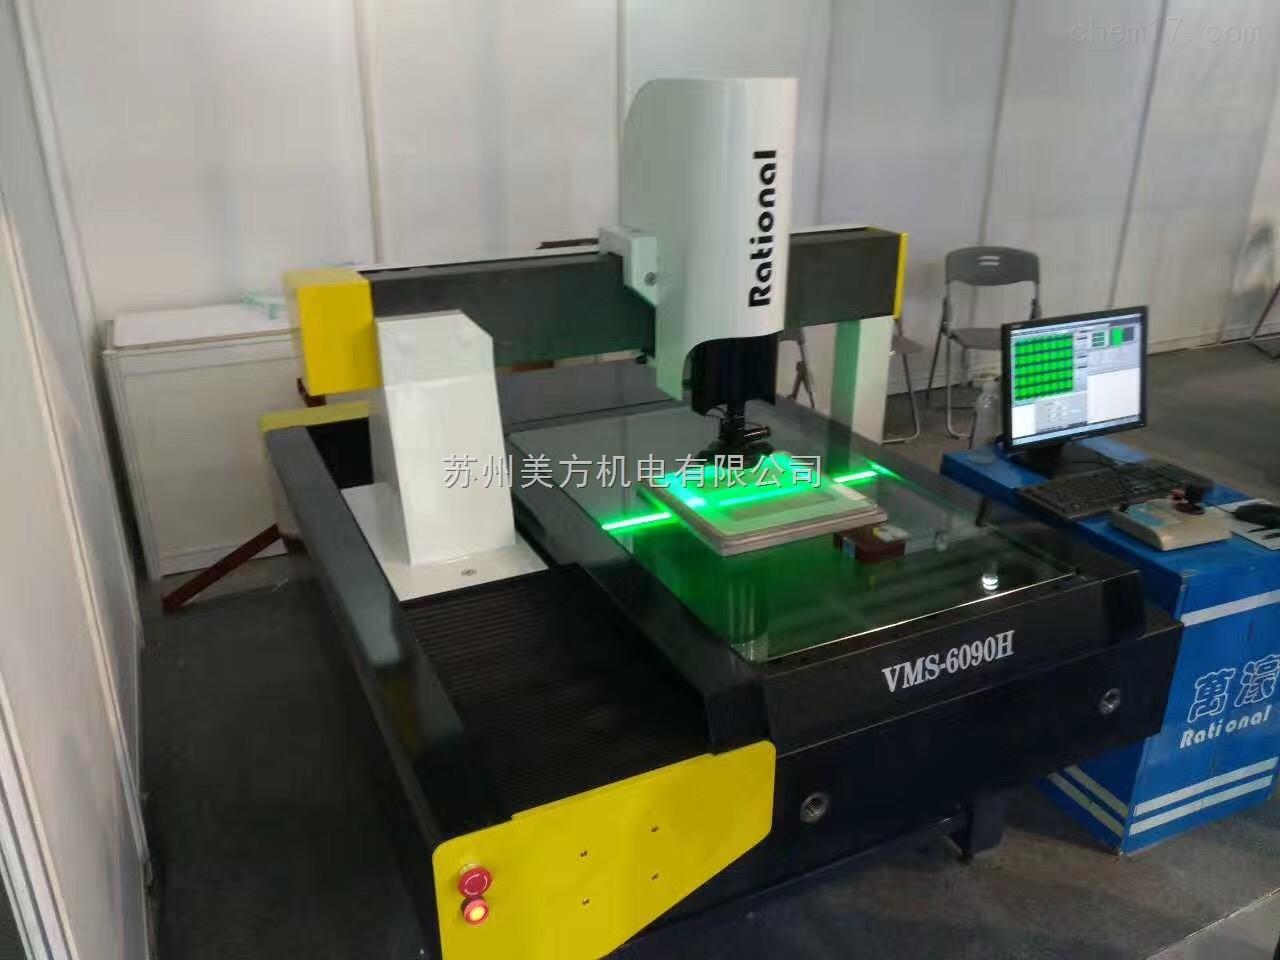 VMS-6090H苏州万濠全自动影像测量仪厂商VMS-6090H